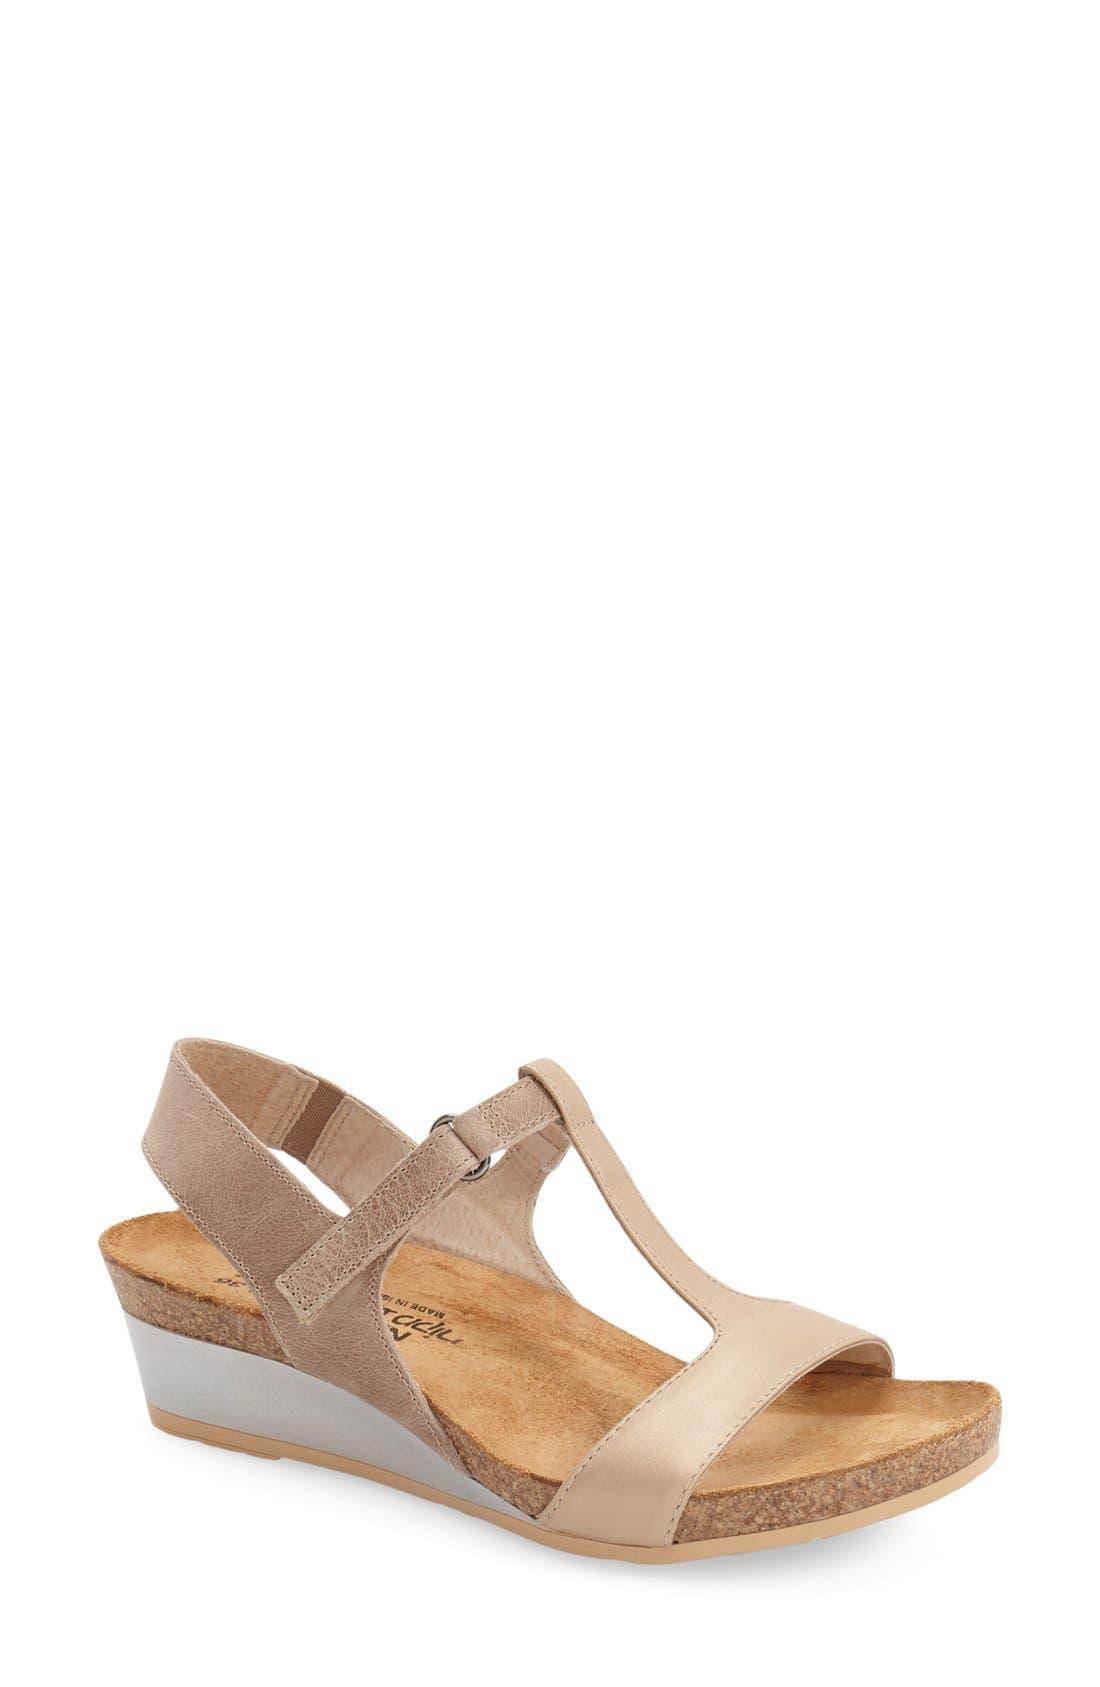 Main Image - Naot 'Unicorn' T-Strap Sandal (Women)